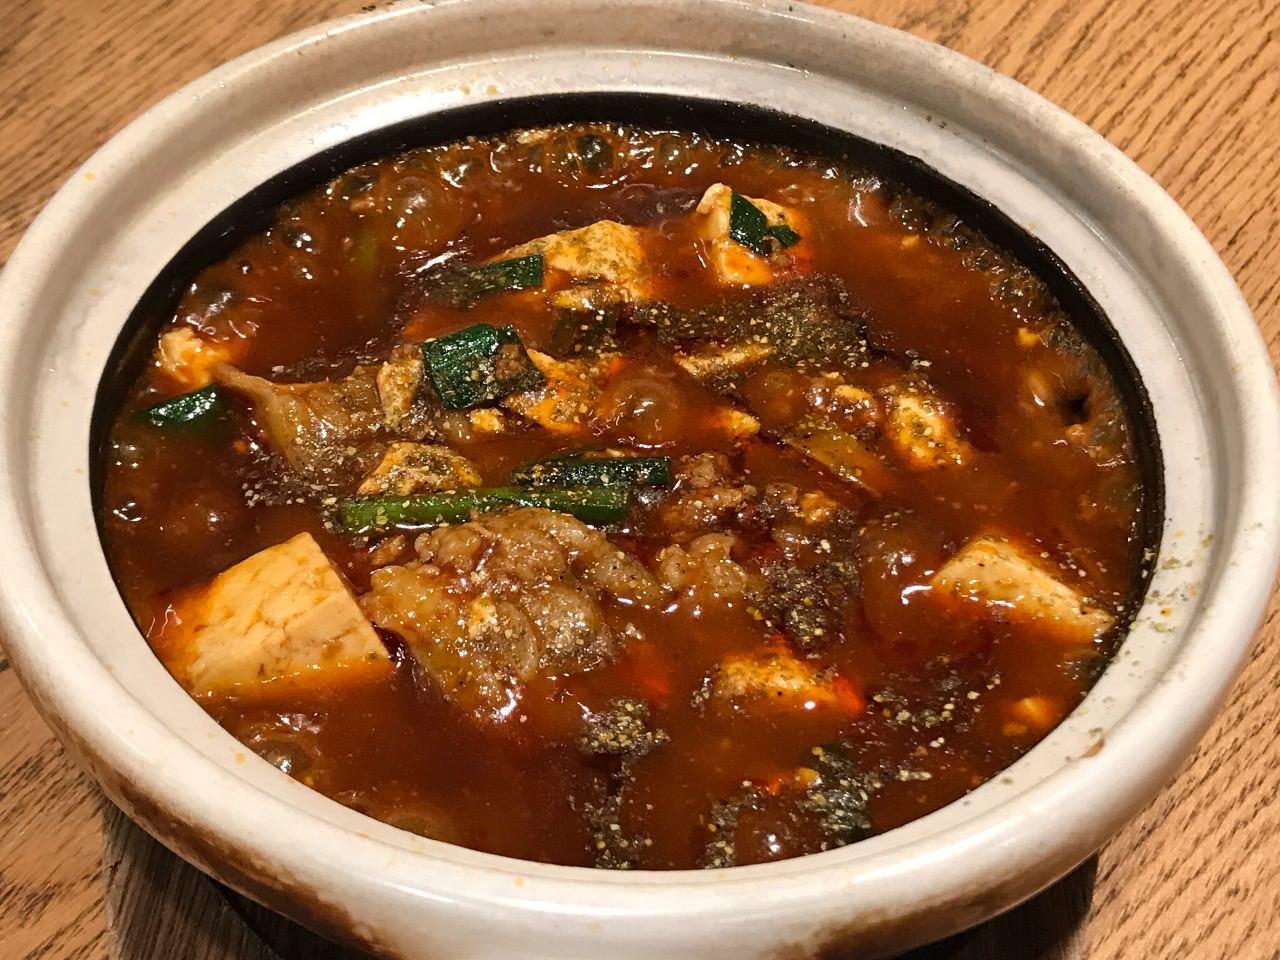 もつ焼き 栄司 土鍋麻婆豆腐マルチョウ